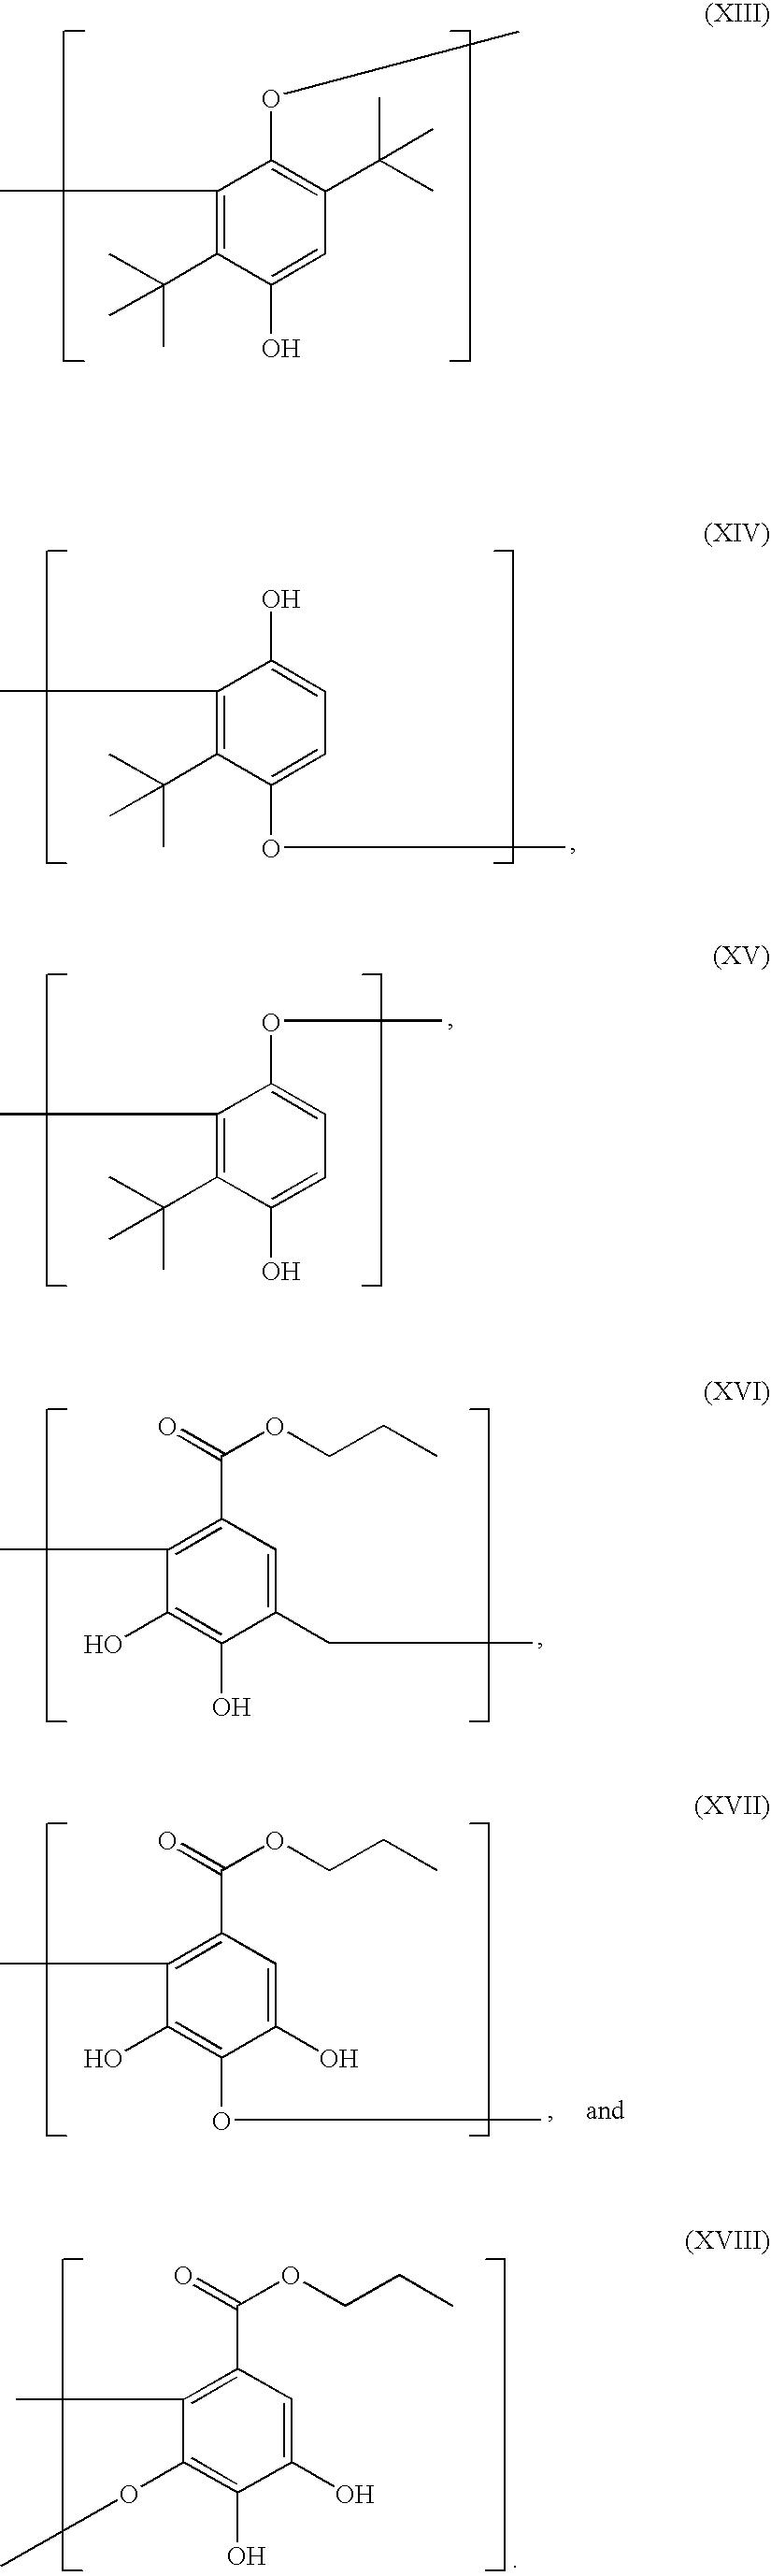 Figure US07705075-20100427-C00005